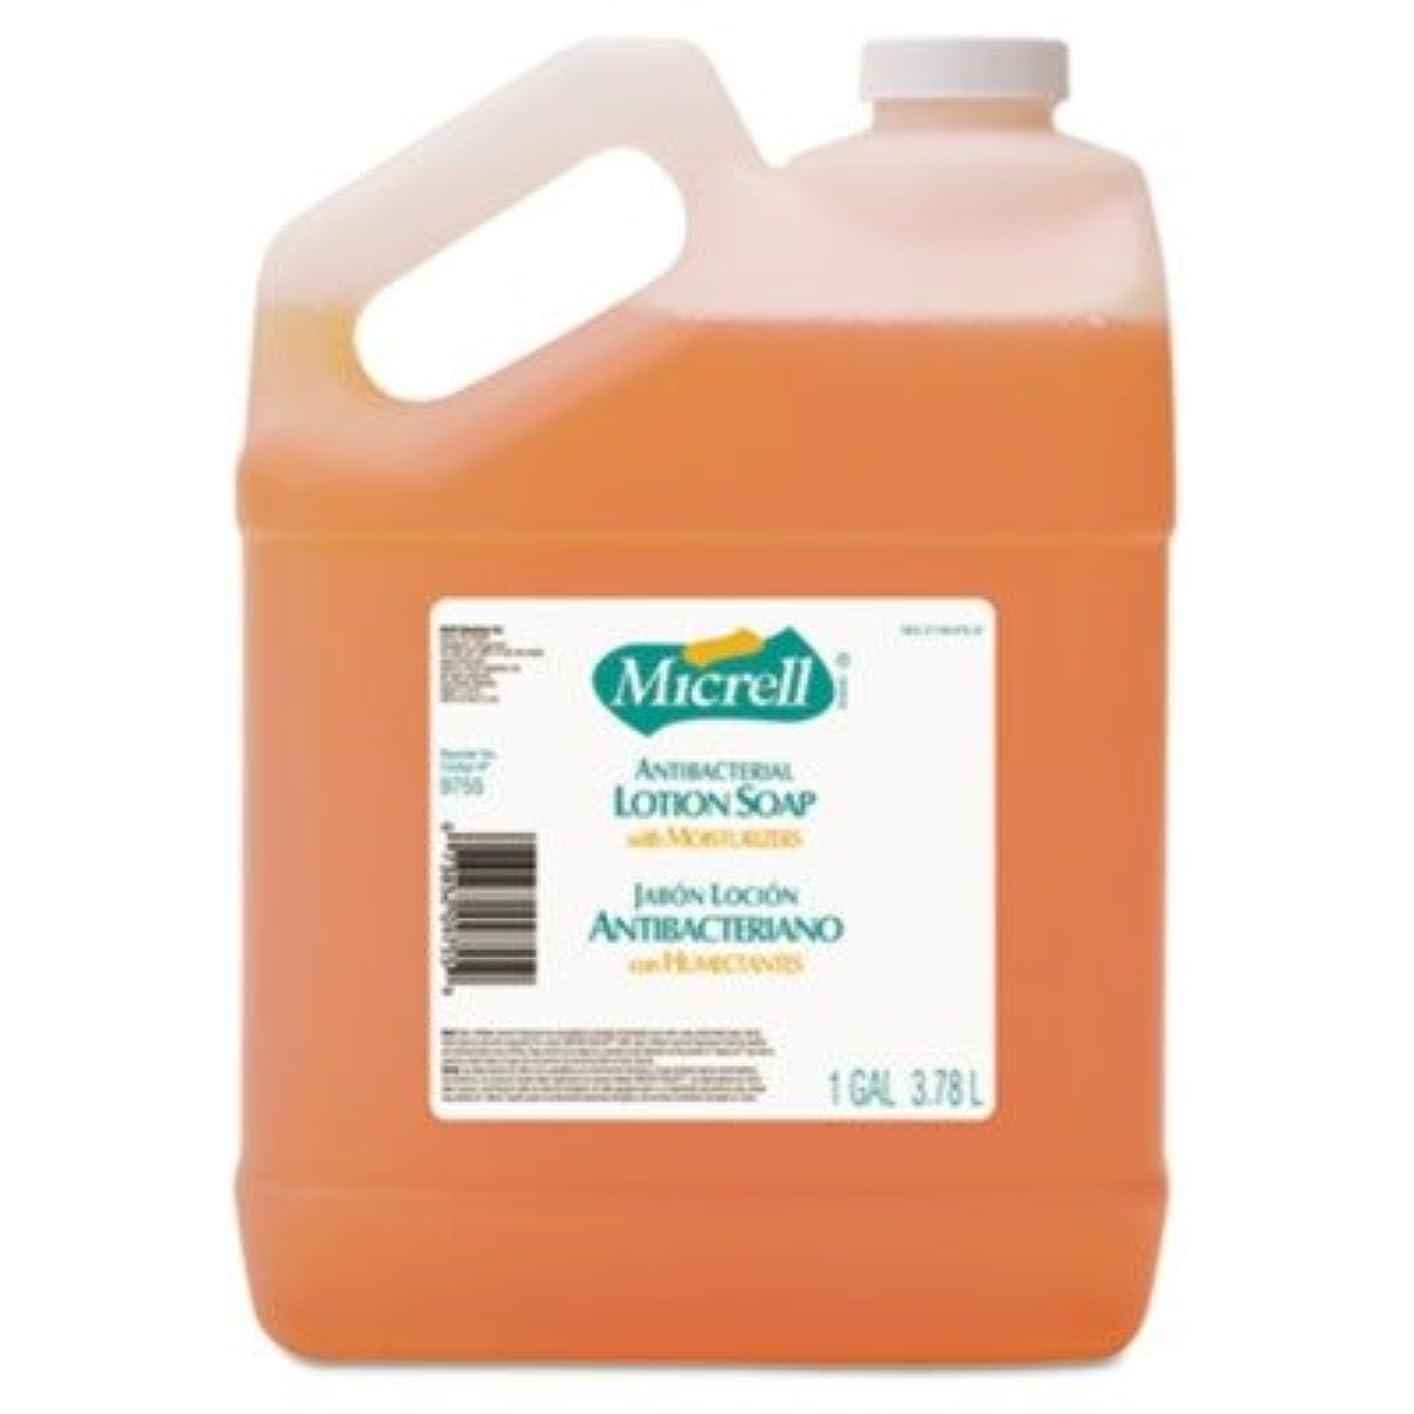 ジャベスウィルソン突進列挙するgo-jo Industries 975504 CT MICRELL抗菌ローションソープ、Pleasant citrus scent , 1 galボトル、4 /カートン